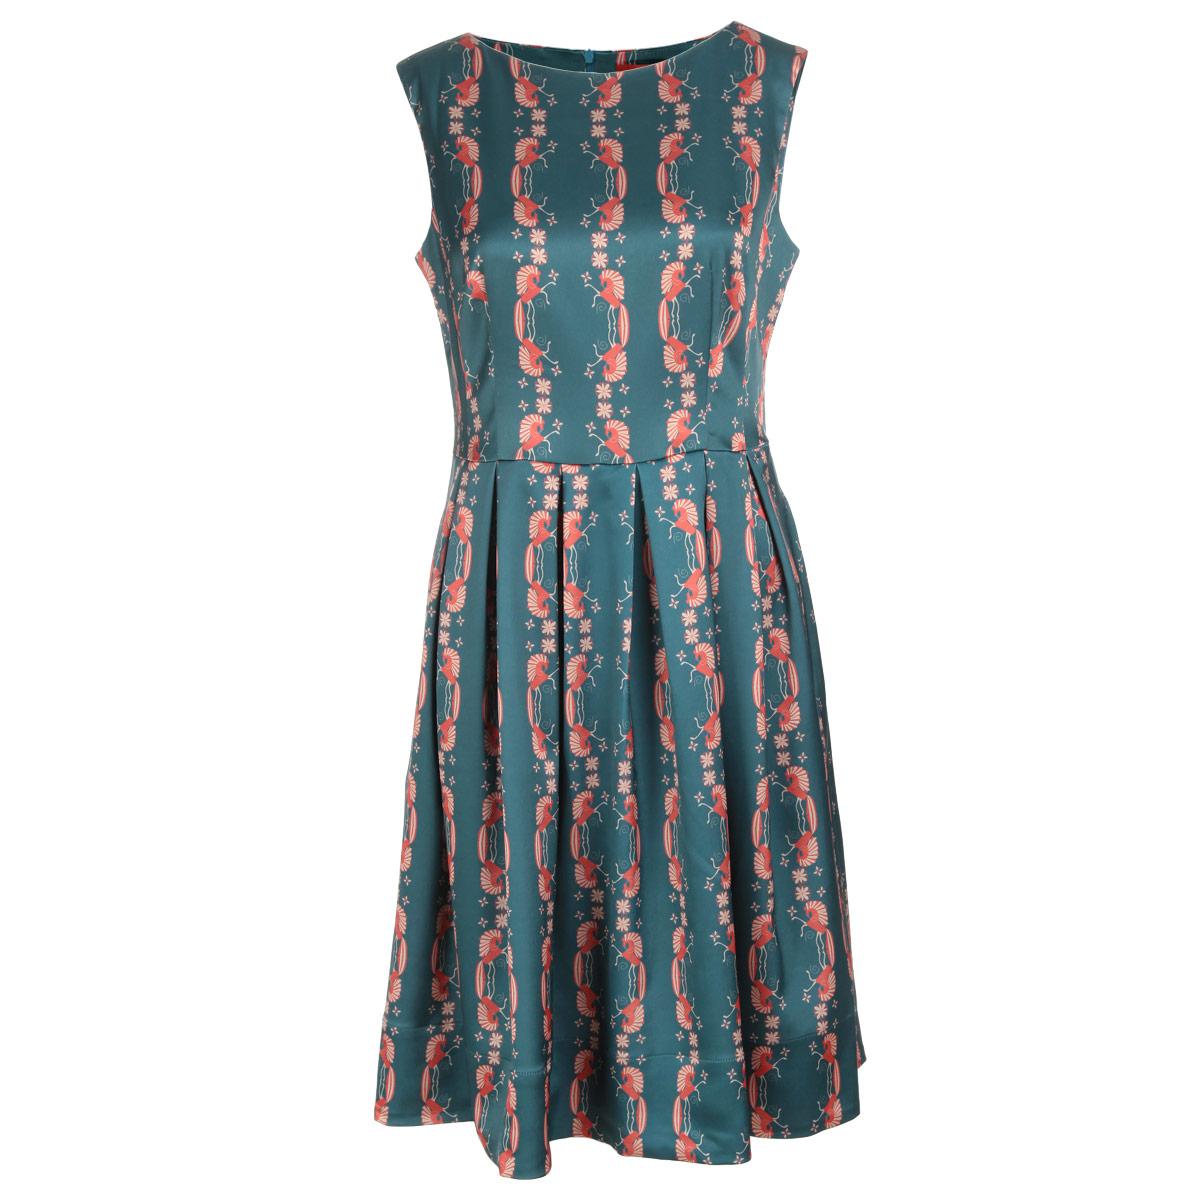 Платье Анна Чапман, цвет: серо-зеленый, красный. P01A4-8. Размер 44P01A4-8Элегантное платье Анна Чапман подарит вам удобство и поможет вам подчеркнуть свой вкус и неповторимый стиль.Изготовленное из плотной шелковистой ткани, оно мягкое на ощупь, не раздражает кожу и хорошо вентилируется. Модель с круглым вырезом горловины без рукавов на спинке застегивается на потайную застежку-молнию. По бокам изделие дополнено двумя втачными карманами. Эта модель подчеркивает талию и идеально сидит на груди благодаря выверенным вытачкам. Складки на отрезной юбке дарят образу романтичность. Оформлена модель принтом Кони. Этот орнамент символизирует счастье и движение к солнцу.В таком наряде вы, безусловно, привлечете восхищенные взгляды окружающих.